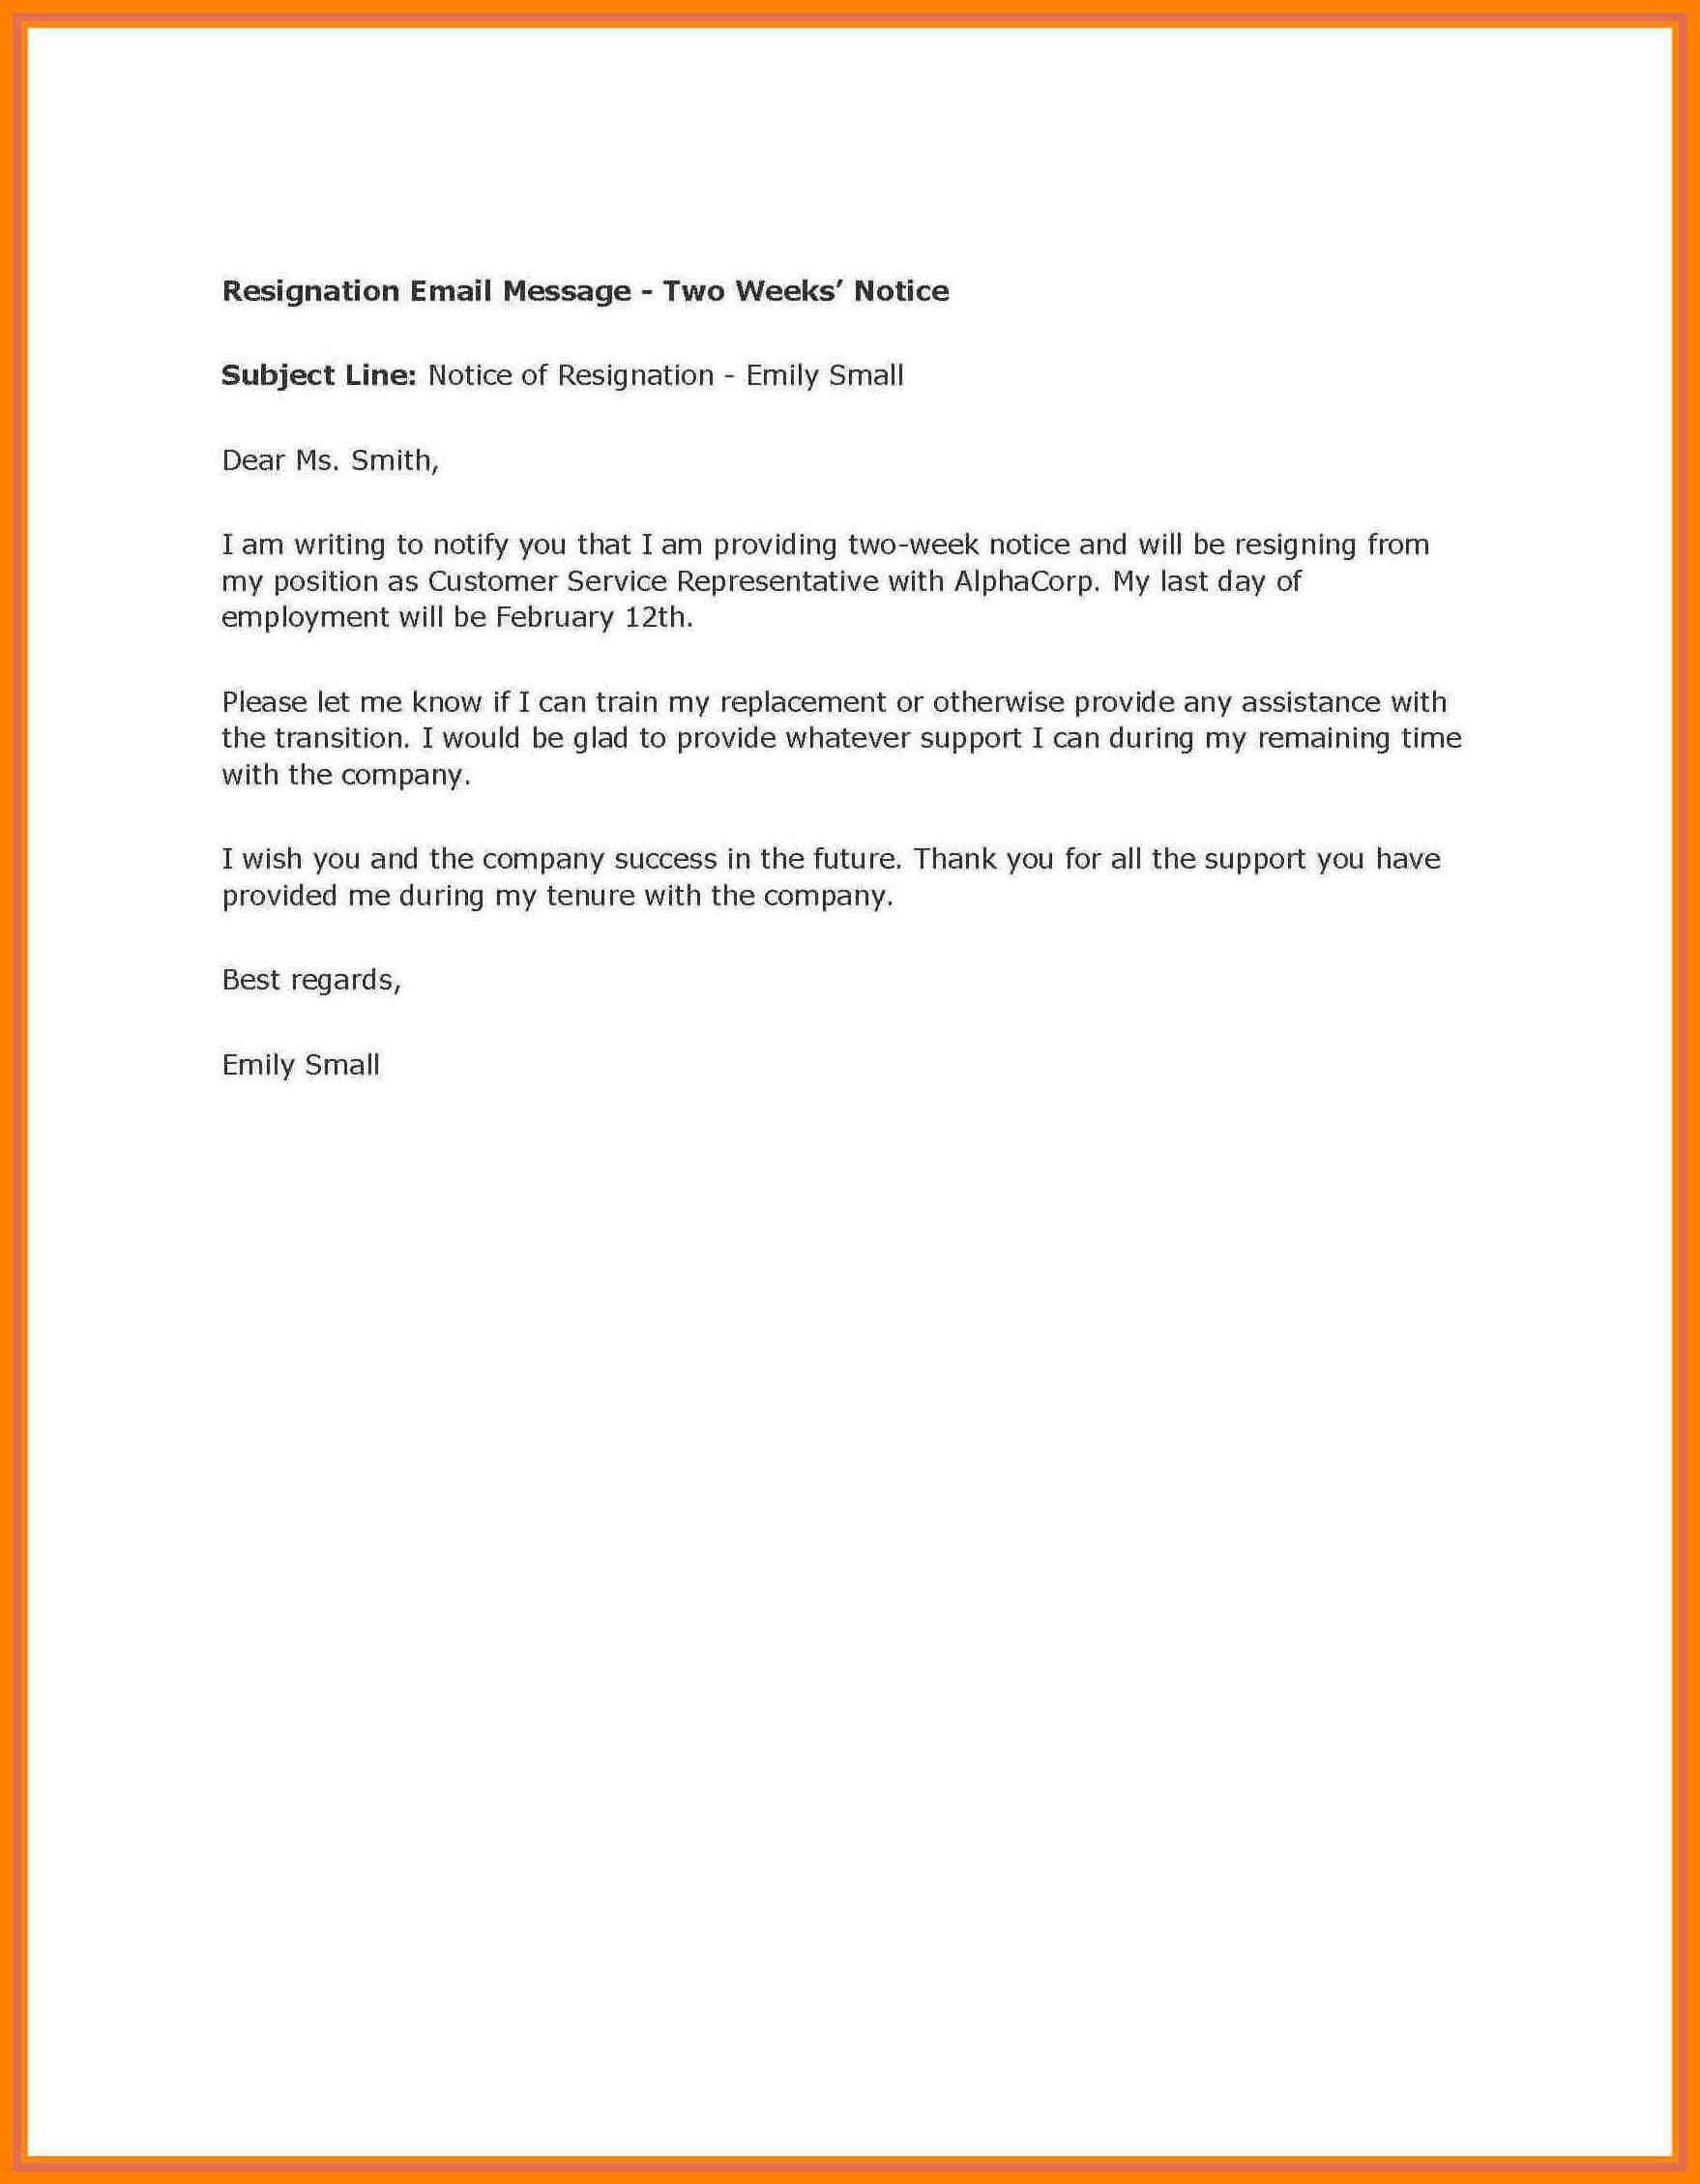 004 Week Notice Template Word Ideas Two Weeks Letter Example Regarding 2 Weeks Notice Template Word